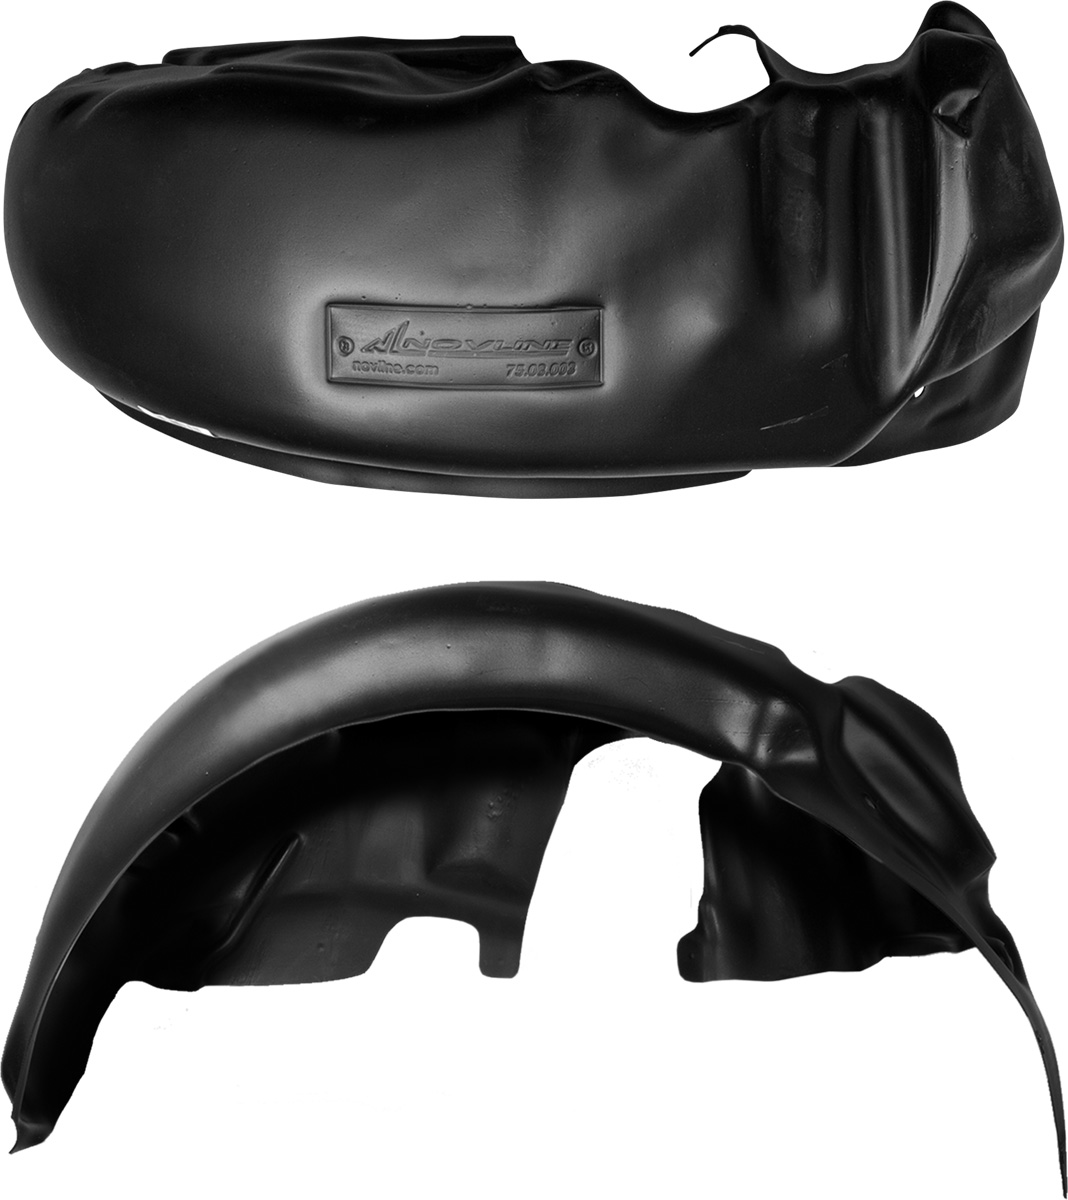 Подкрылок GREAT WALL Hover 2006-2010, задний правыйNLL.59.04.004Колесные ниши – одни из самых уязвимых зон днища вашего автомобиля. Они постоянно подвергаются воздействию со стороны дороги. Лучшая, почти абсолютная защита для них - специально отформованные пластиковые кожухи, которые называются подкрылками, или локерами. Производятся они как для отечественных моделей автомобилей, так и для иномарок. Подкрылки выполнены из высококачественного, экологически чистого пластика. Обеспечивают надежную защиту кузова автомобиля от пескоструйного эффекта и негативного влияния, агрессивных антигололедных реагентов. Пластик обладает более низкой теплопроводностью, чем металл, поэтому в зимний период эксплуатации использование пластиковых подкрылков позволяет лучше защитить колесные ниши от налипания снега и образования наледи. Оригинальность конструкции подчеркивает элегантность автомобиля, бережно защищает нанесенное на днище кузова антикоррозийное покрытие и позволяет осуществить крепление подкрылков внутри колесной арки практически без дополнительного крепежа и сверления, не нарушая при этом лакокрасочного покрытия, что предотвращает возникновение новых очагов коррозии. Технология крепления подкрылков на иномарки принципиально отличается от крепления на российские автомобили и разрабатывается индивидуально для каждой модели автомобиля. Подкрылки долговечны, обладают высокой прочностью и сохраняют заданную форму, а также все свои физико-механические характеристики в самых тяжелых климатических условиях ( от -50° С до + 50° С).